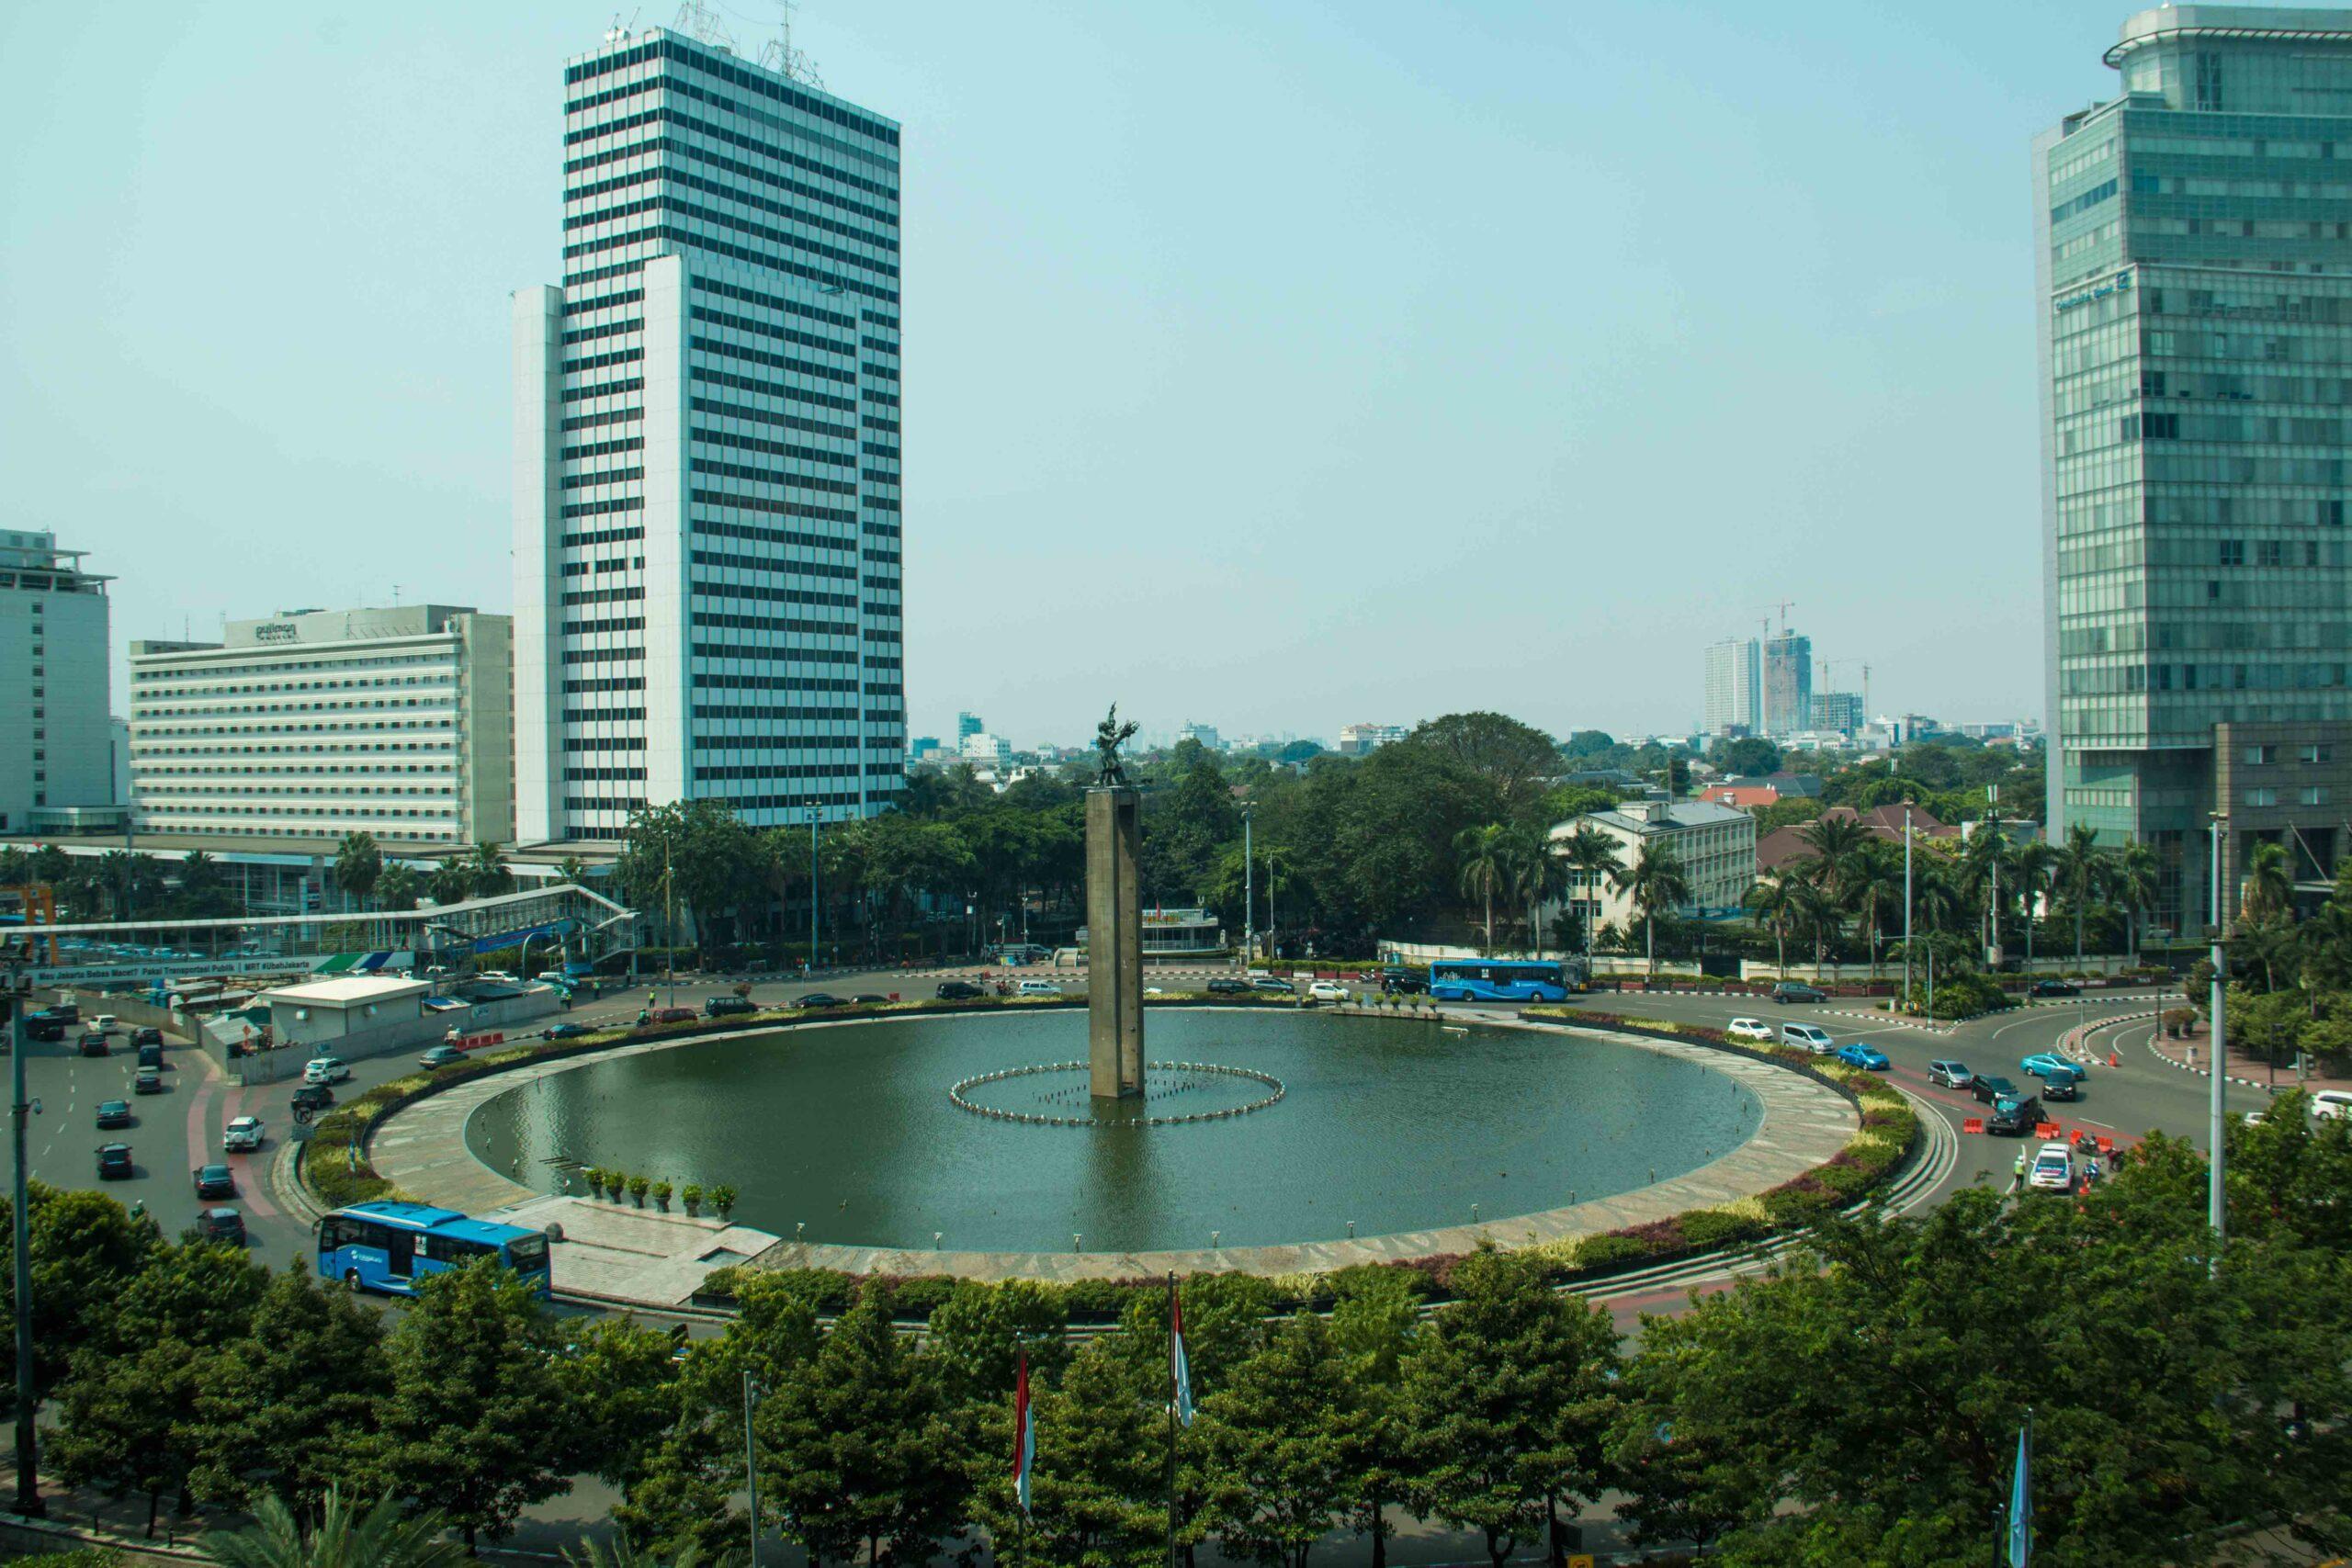 hotel indonesia kempinski jakarta view